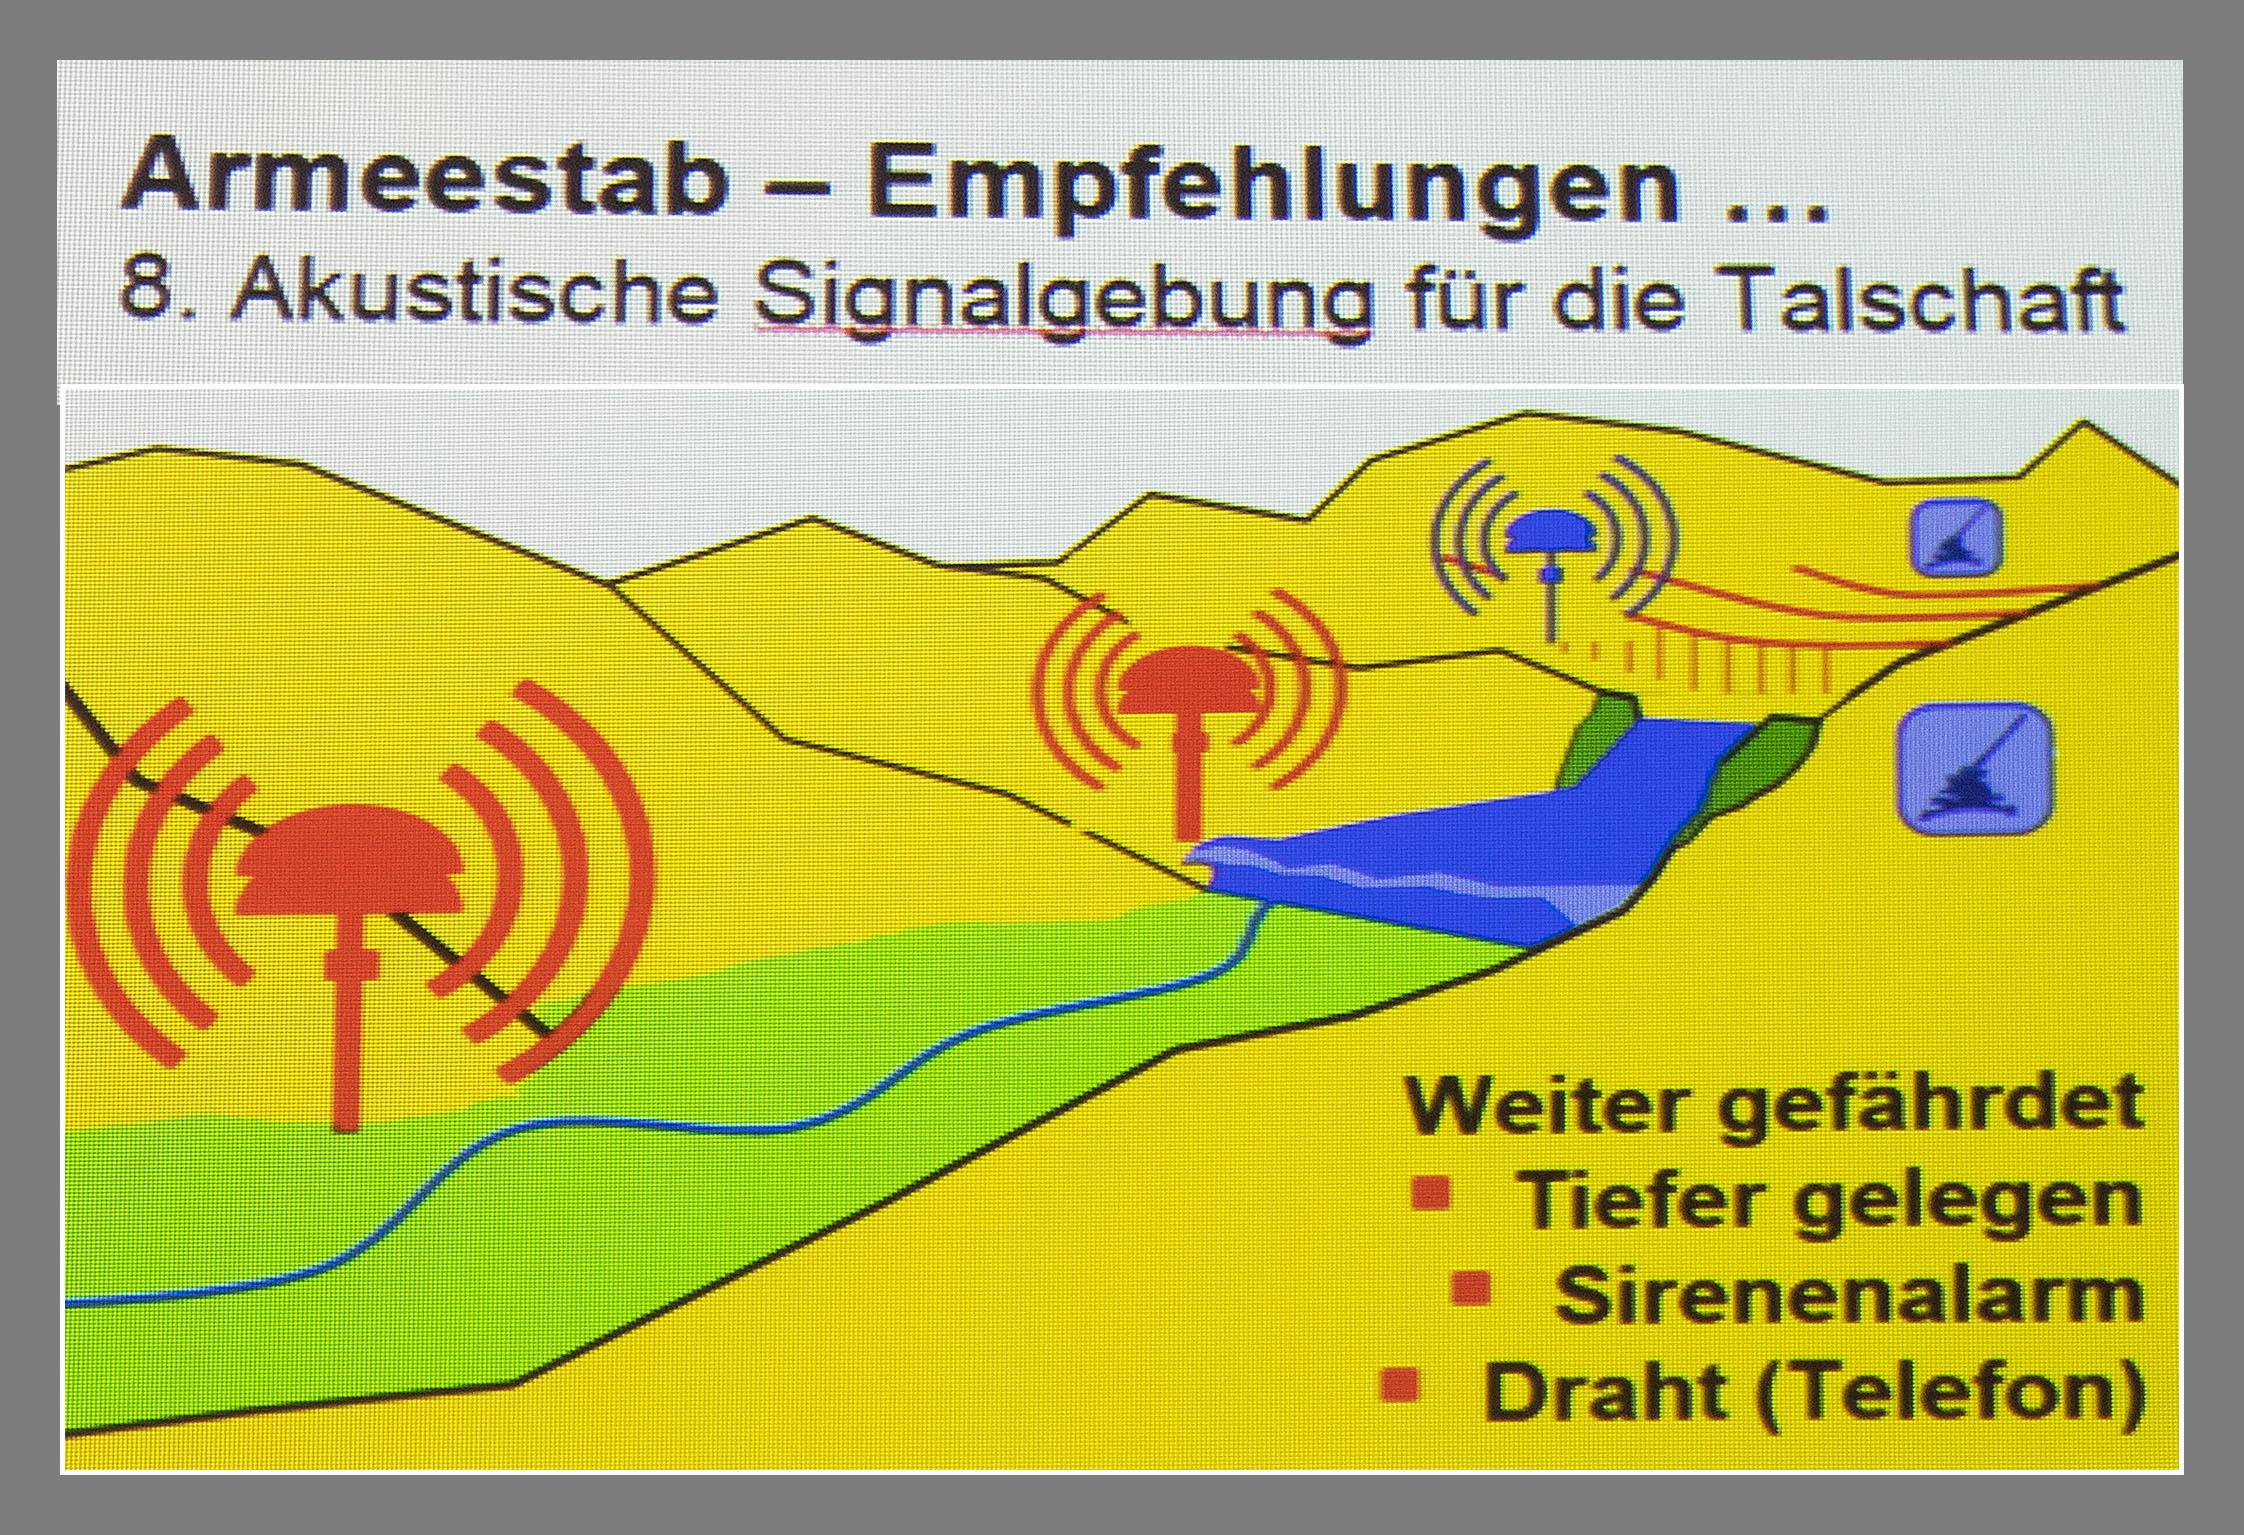 VSAM Vortrag Schutz der Schweizer Stauseen gegen Fliegerangriffe